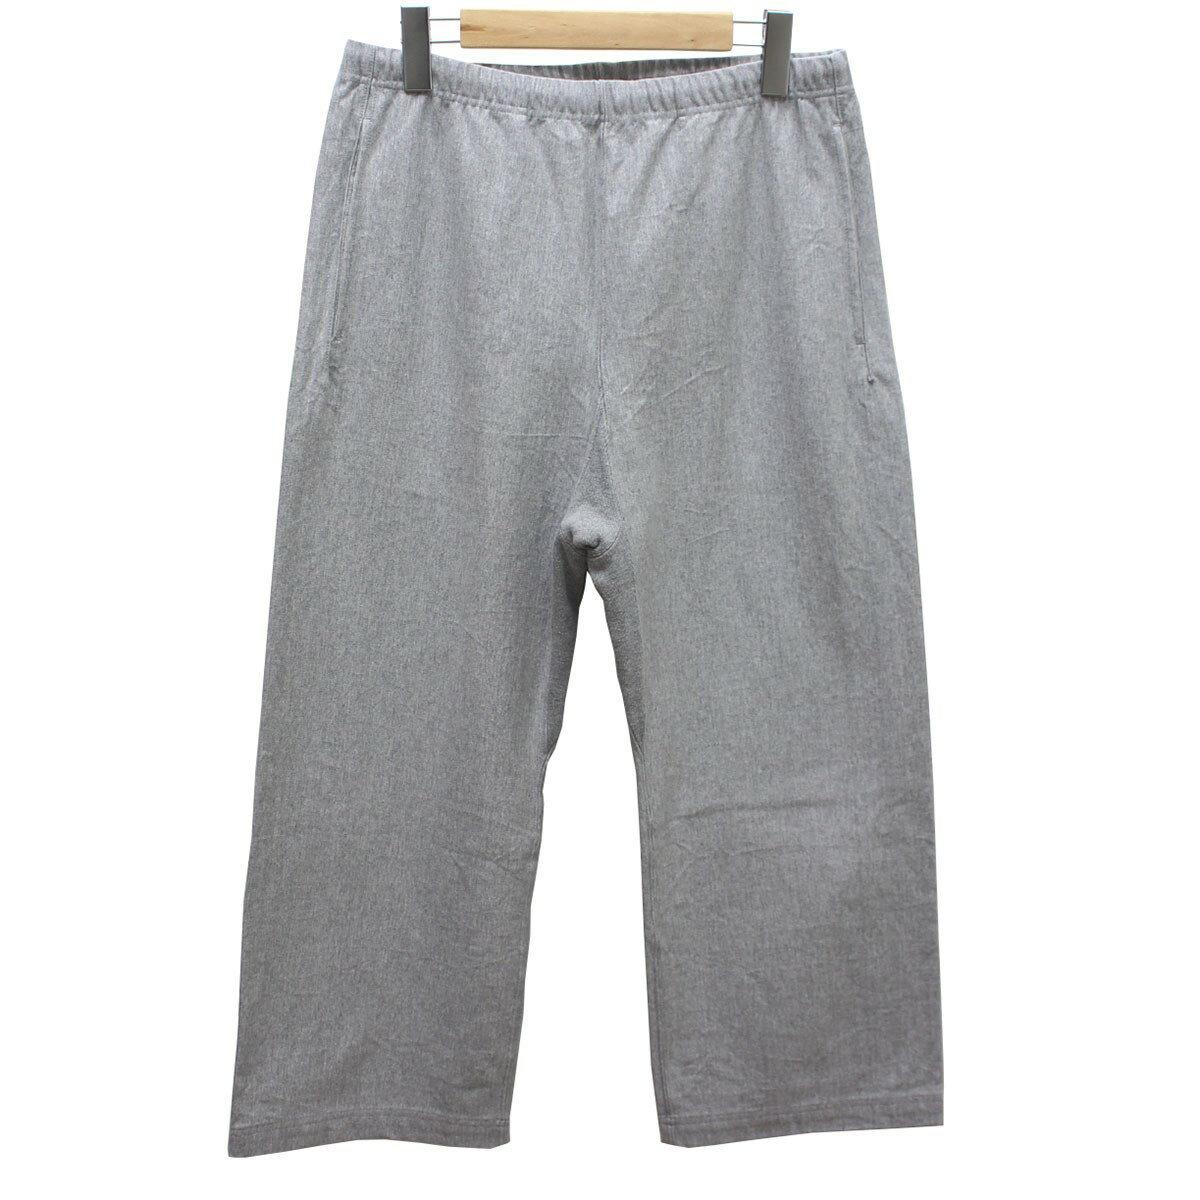 【中古】AURALEE STAND UP EASY PANTS 18SS イージーパンツ グレー サイズ:3(S) 【送料無料】 【220319】(オーラリー)